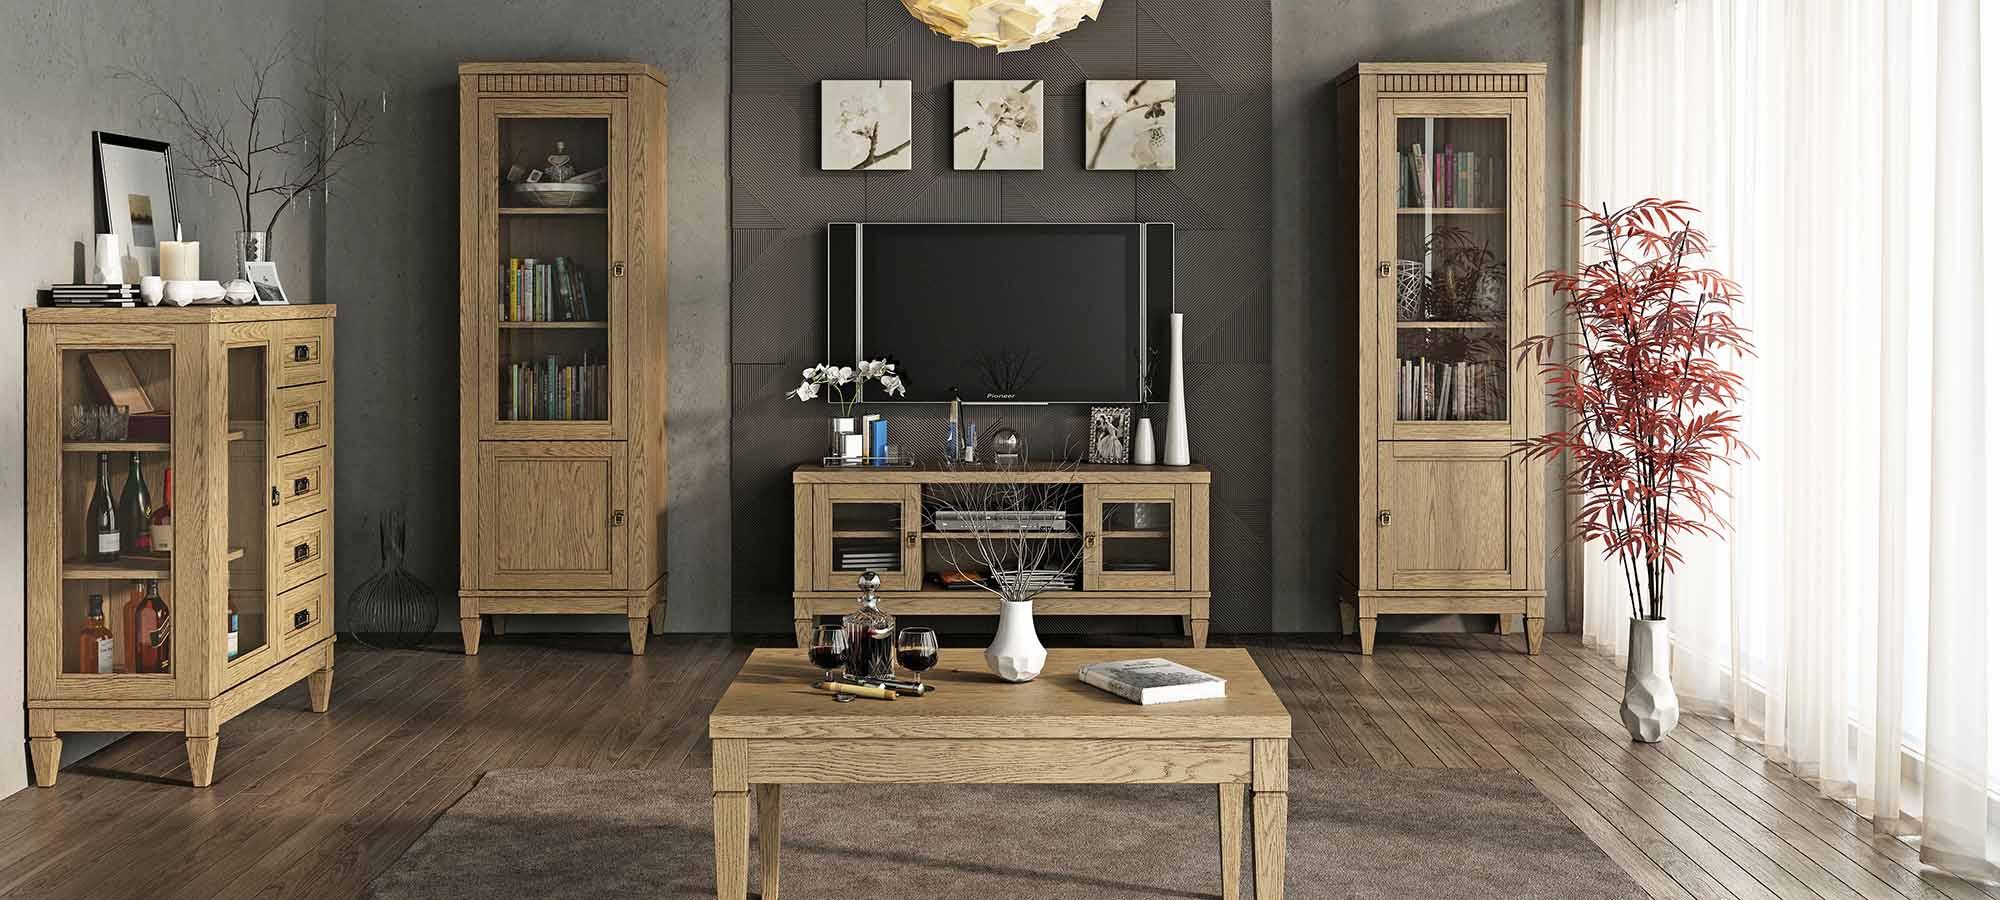 bavaria_livingroom_2